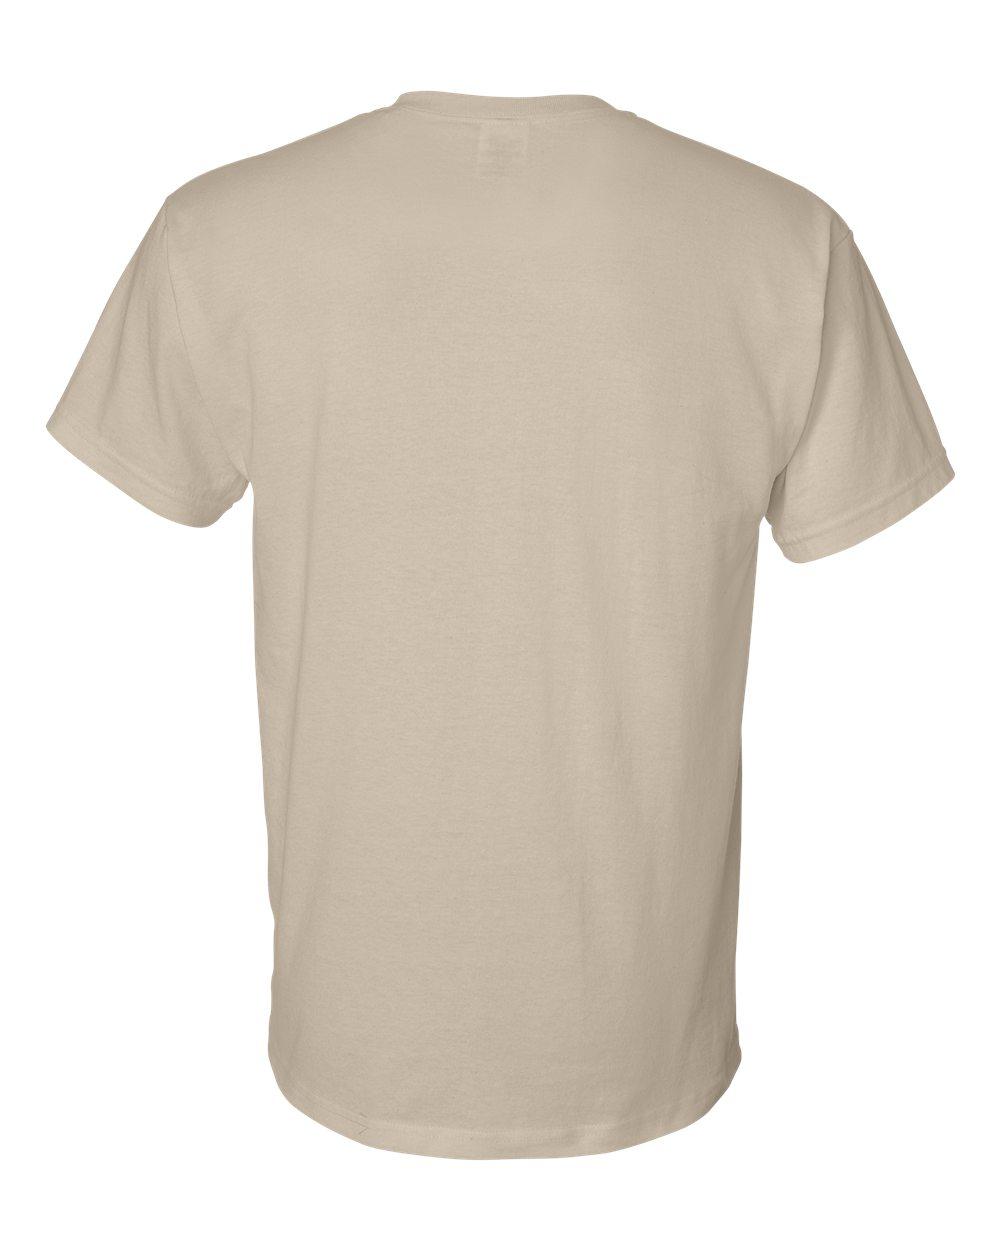 Gildan-Mens-DryBlend-5-6-oz-50-50-T-Shirt-G800-Size-S-5XL thumbnail 78